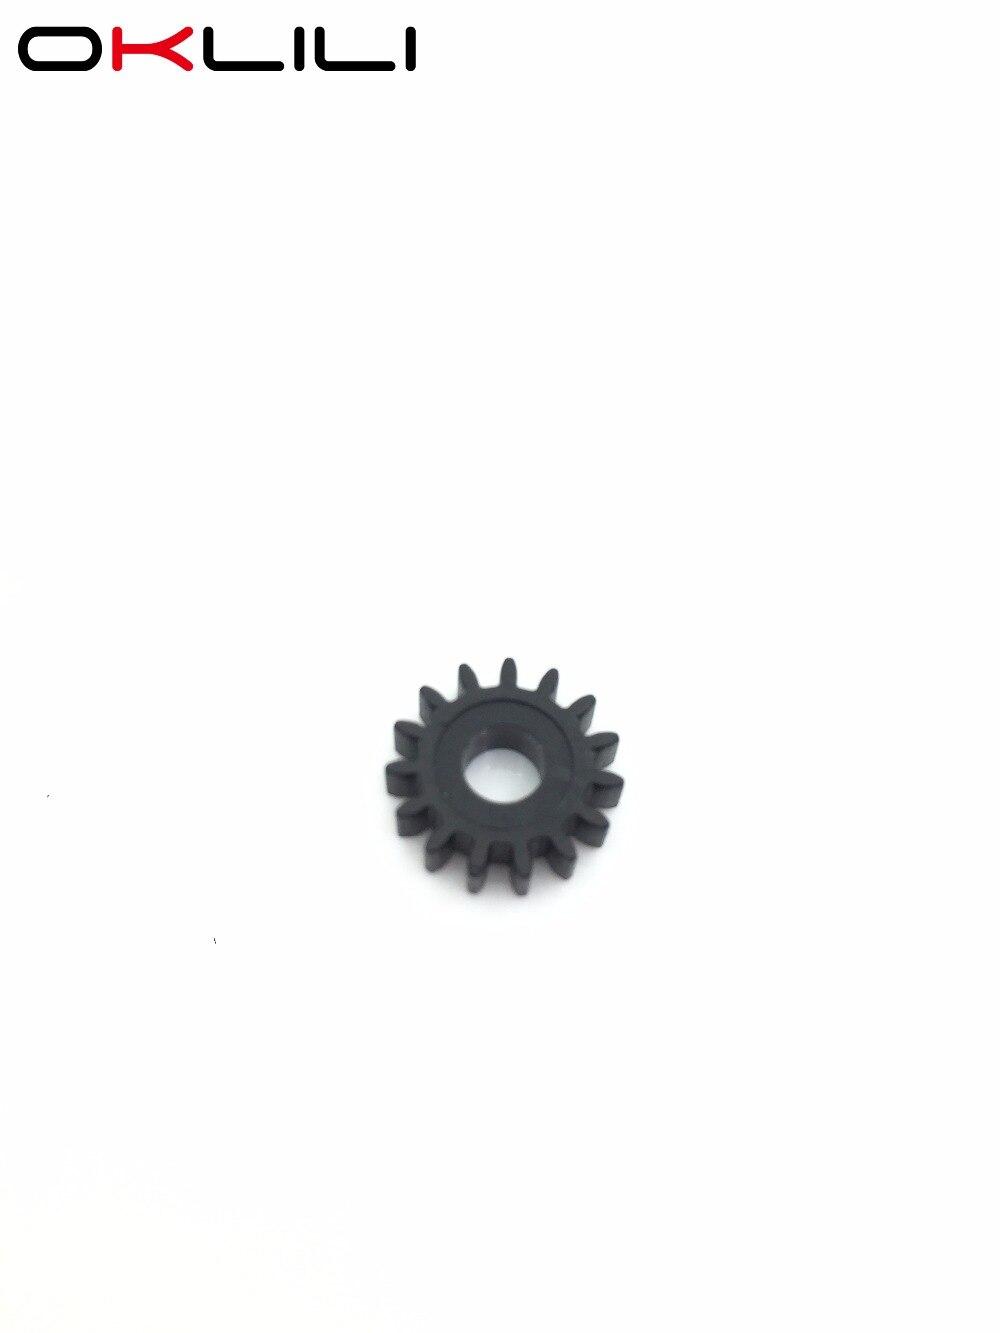 100X Clutch Gear 15T Carriage lock for HP C3150 C3180 C4140 C4150 C4280 D5060 D5065 D5069